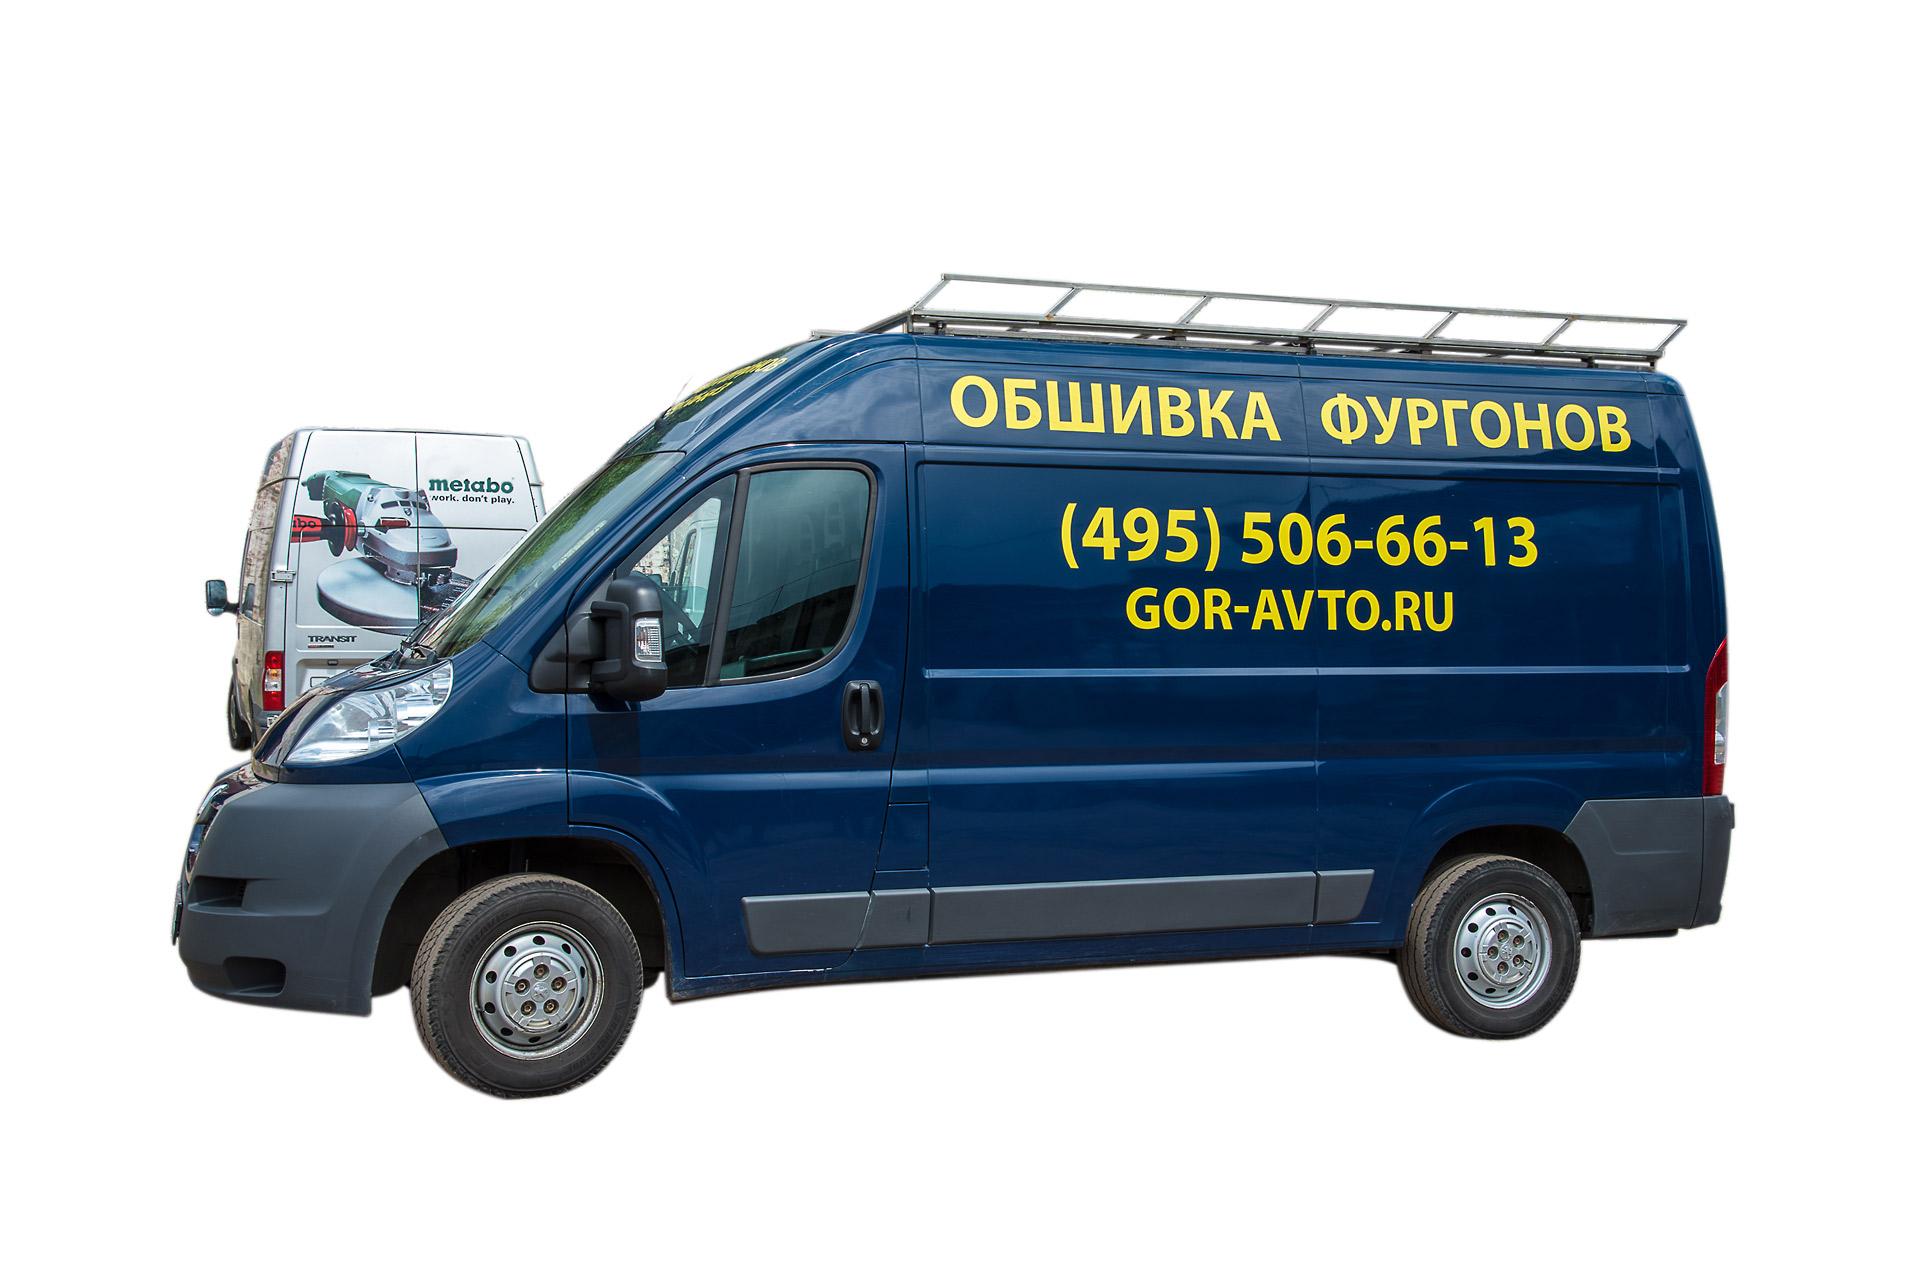 реклама на коммерческом транспорте